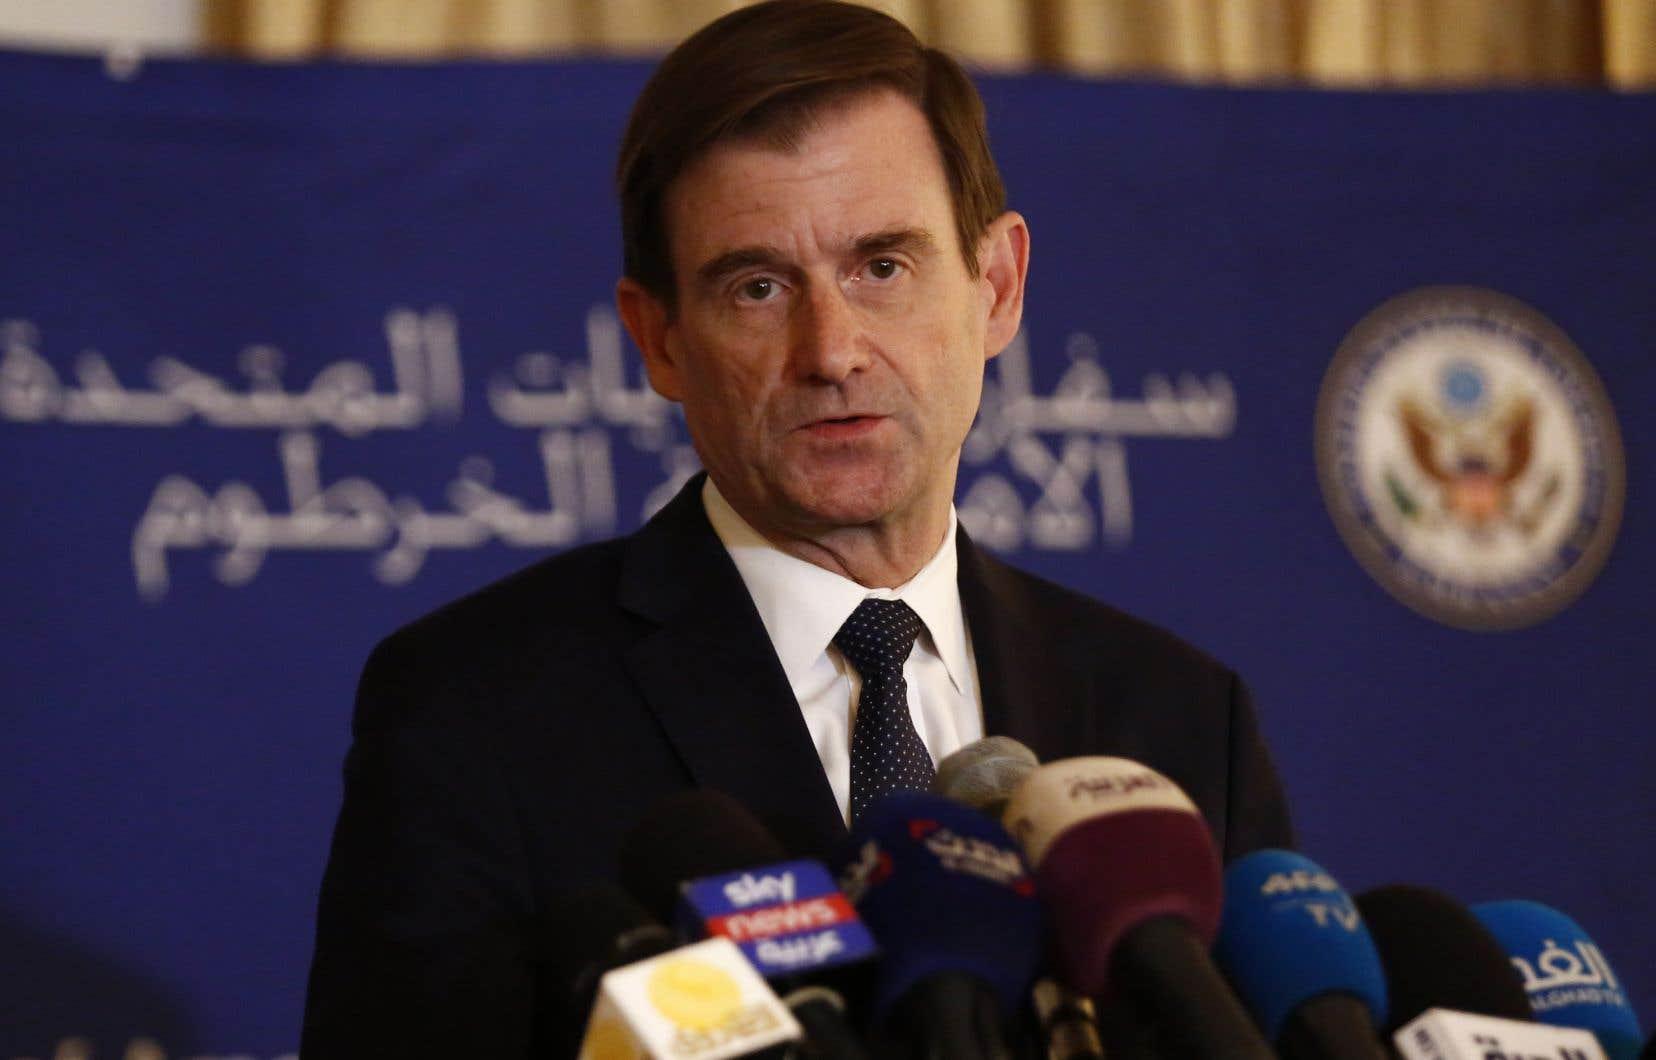 Le numéro3 du département d'État américain, David Hale, s'est entretenu avec le chef du conseil militaire au pouvoir, le général Abdel Fattah al-Burhane, des leaders de la contestation et des membres de la société civile.